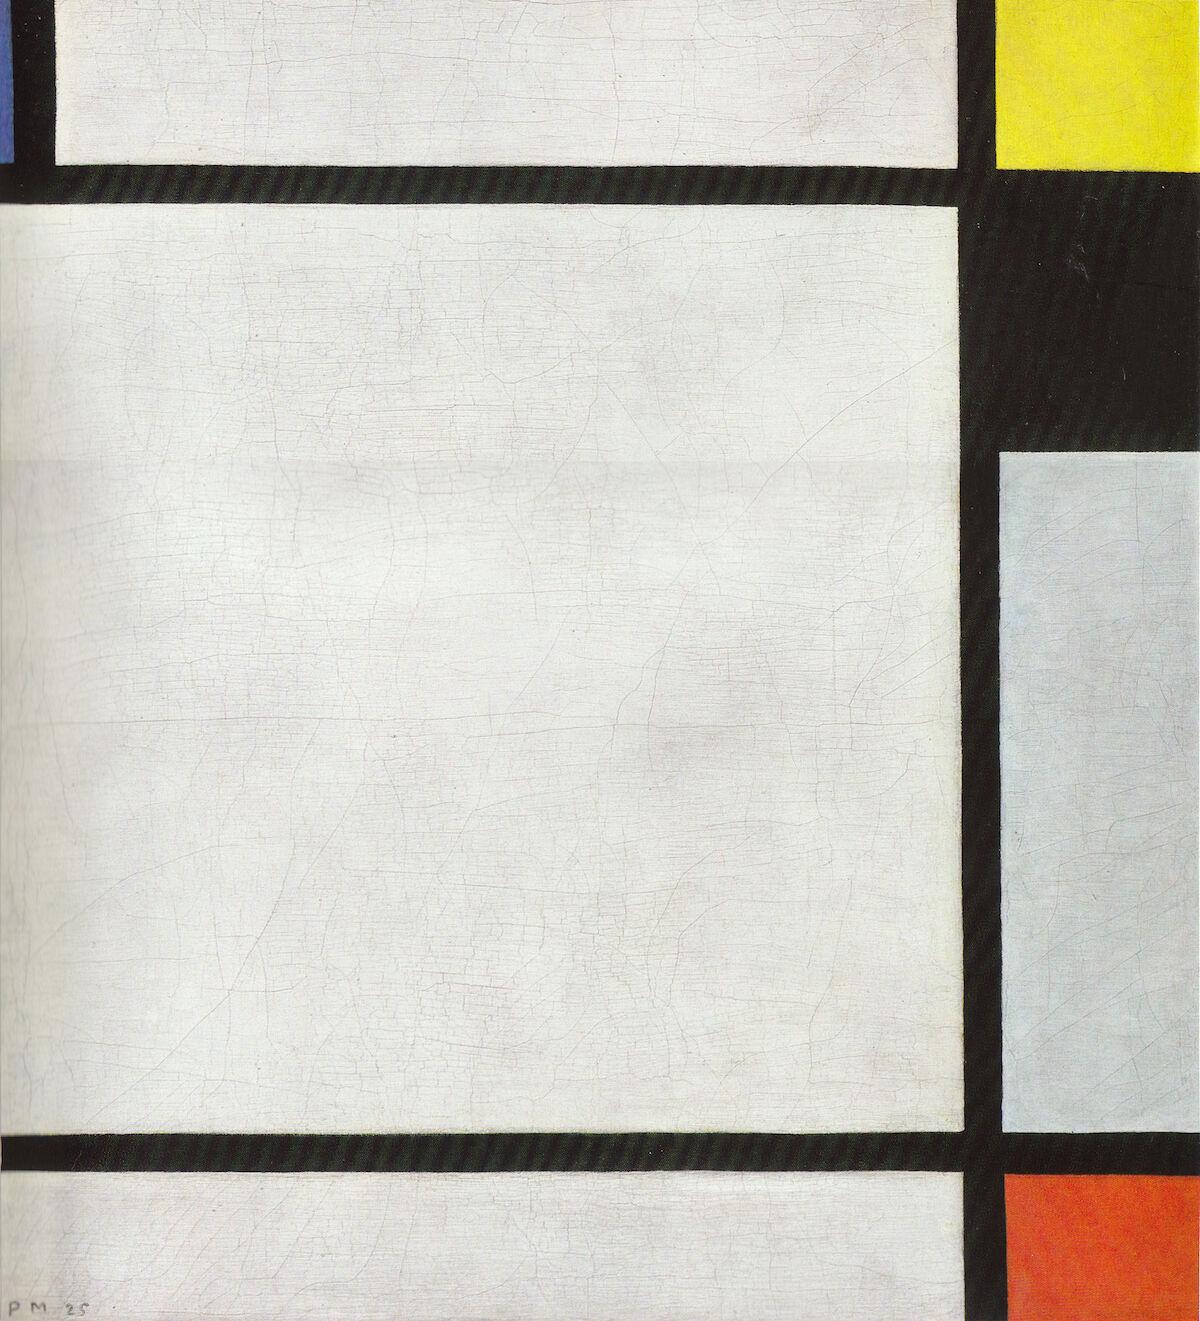 Piet Mondrian, Tableau N VII, 1925. Kunstmuseen Krefeld, via Wikimedia Commons.